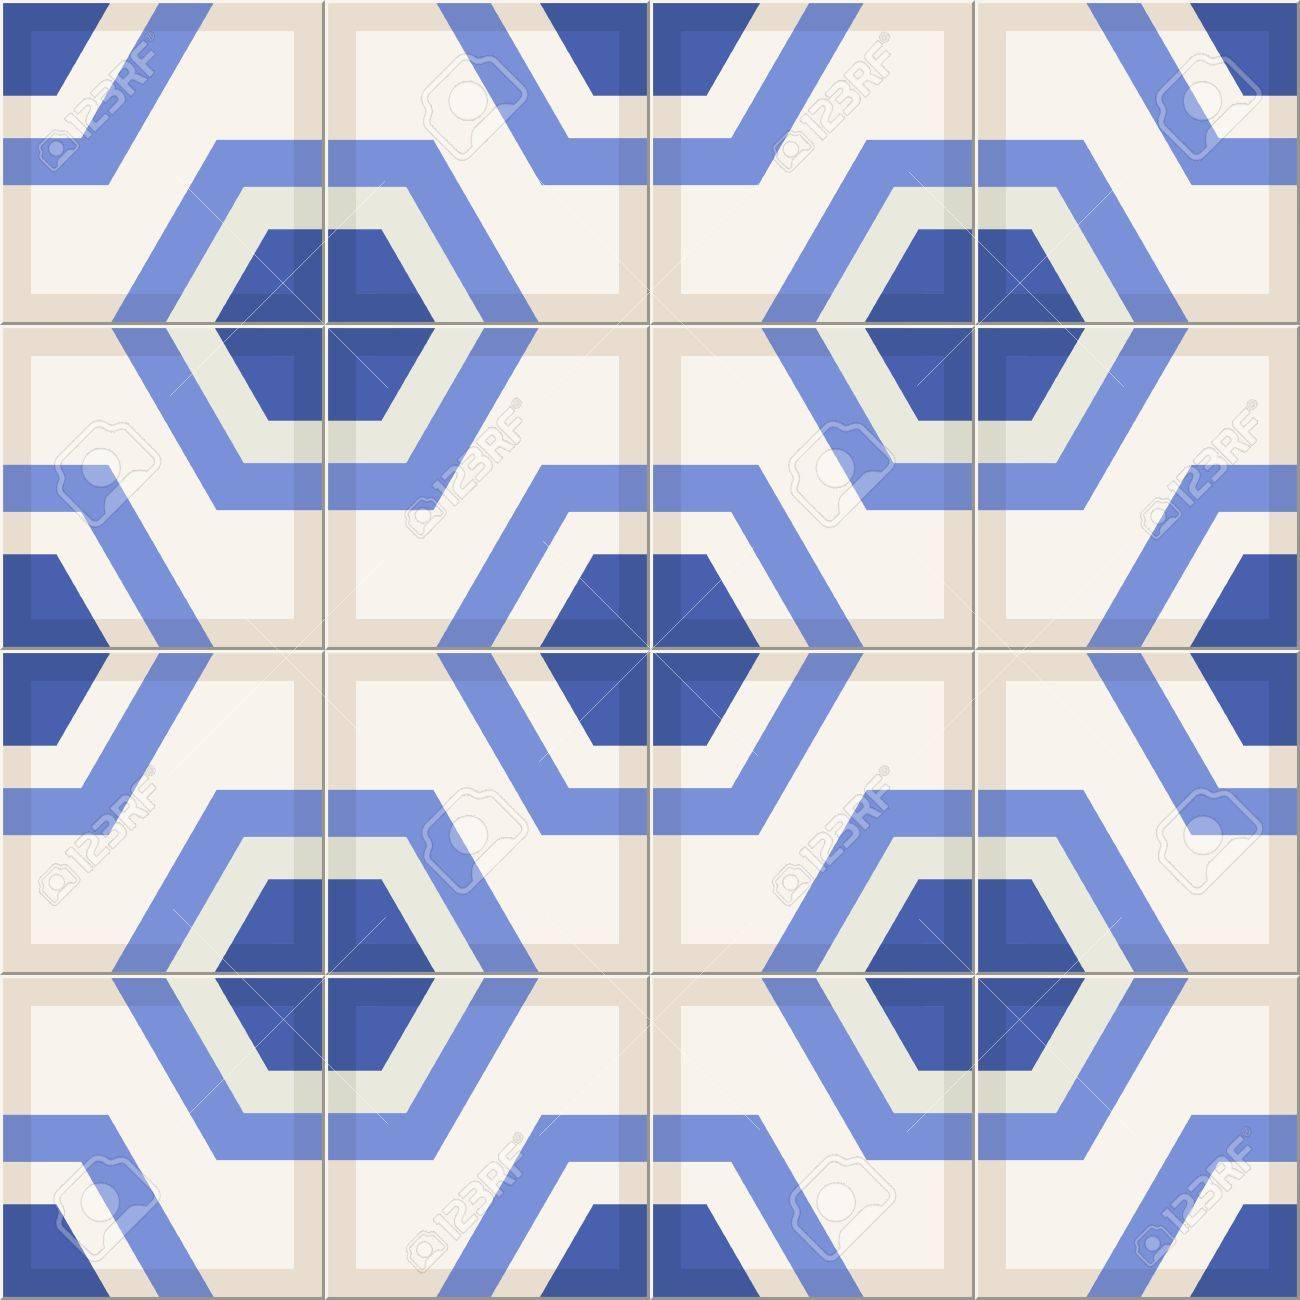 カラフルなモロッコのタイル 装飾品から豪華なシームレス パターン Web ページの背景テクスチャ パターンの塗りつぶしの壁紙に使用できます のイラスト素材 ベクタ Image